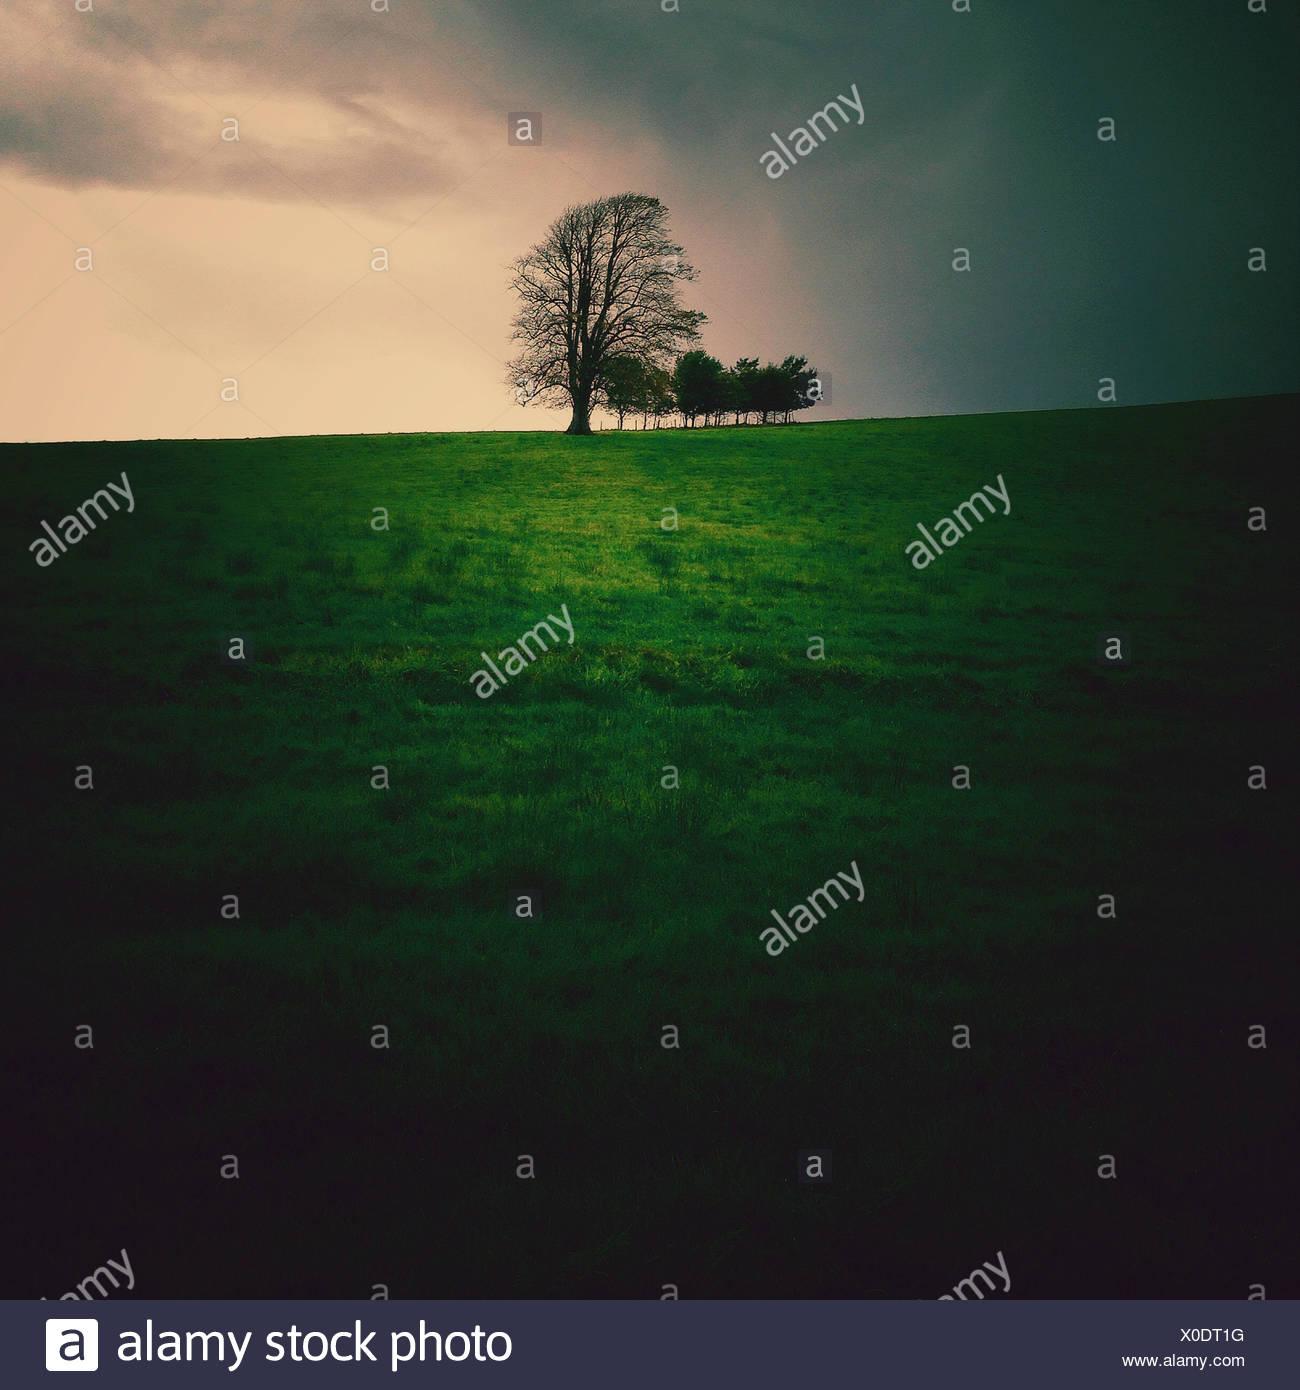 Ireland, Munster, County Kerry, Killarney, Trees on hill Stock Photo